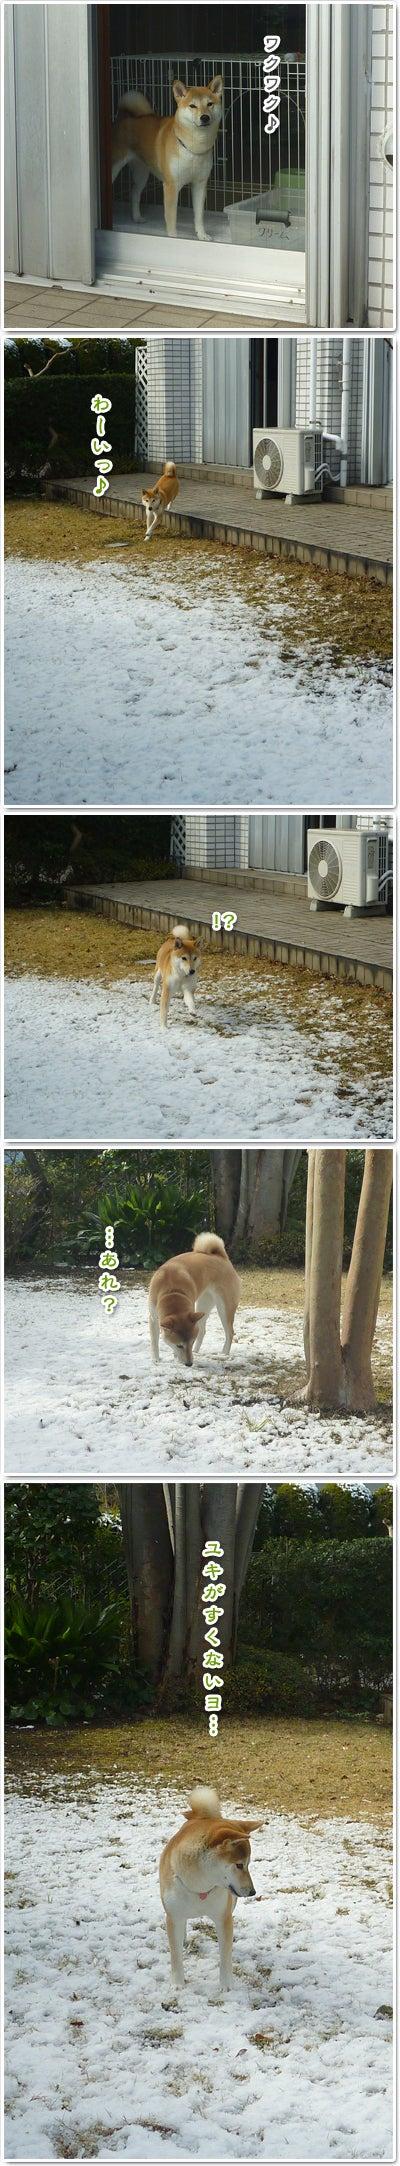 あたち柴犬 抹茶だヨ!  - 伊賀忍者柴犬の道 --120201_p3雪食い合戦